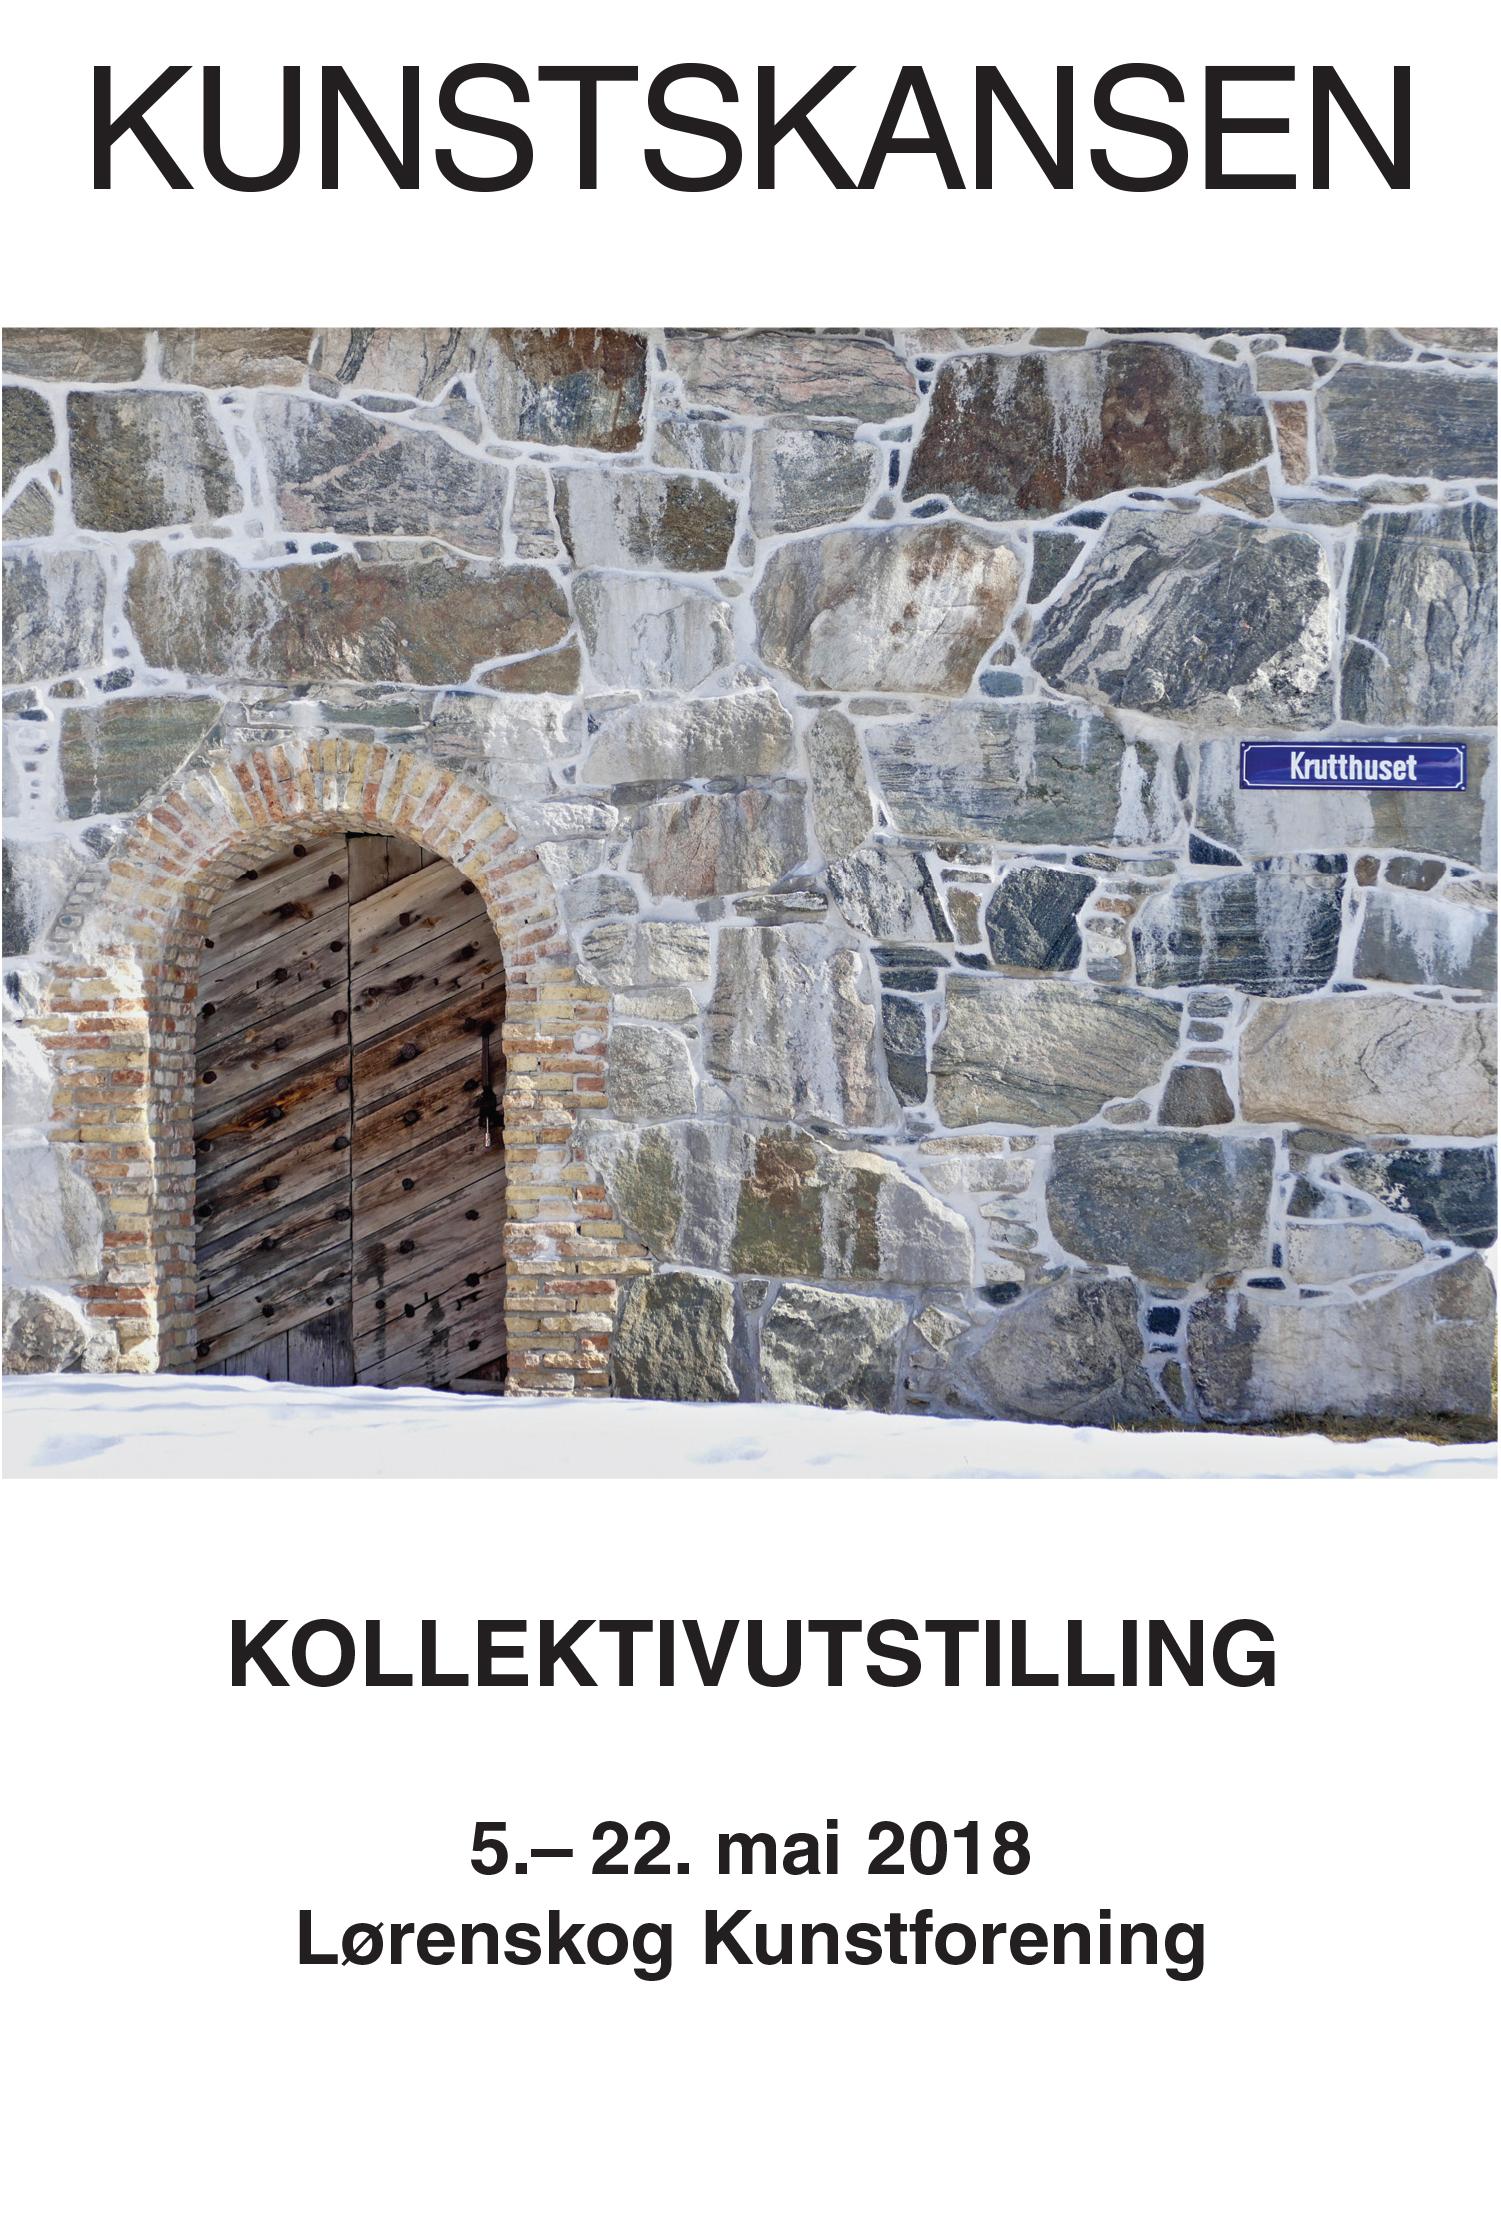 Invitasjon Kunstskansen-1.jpg